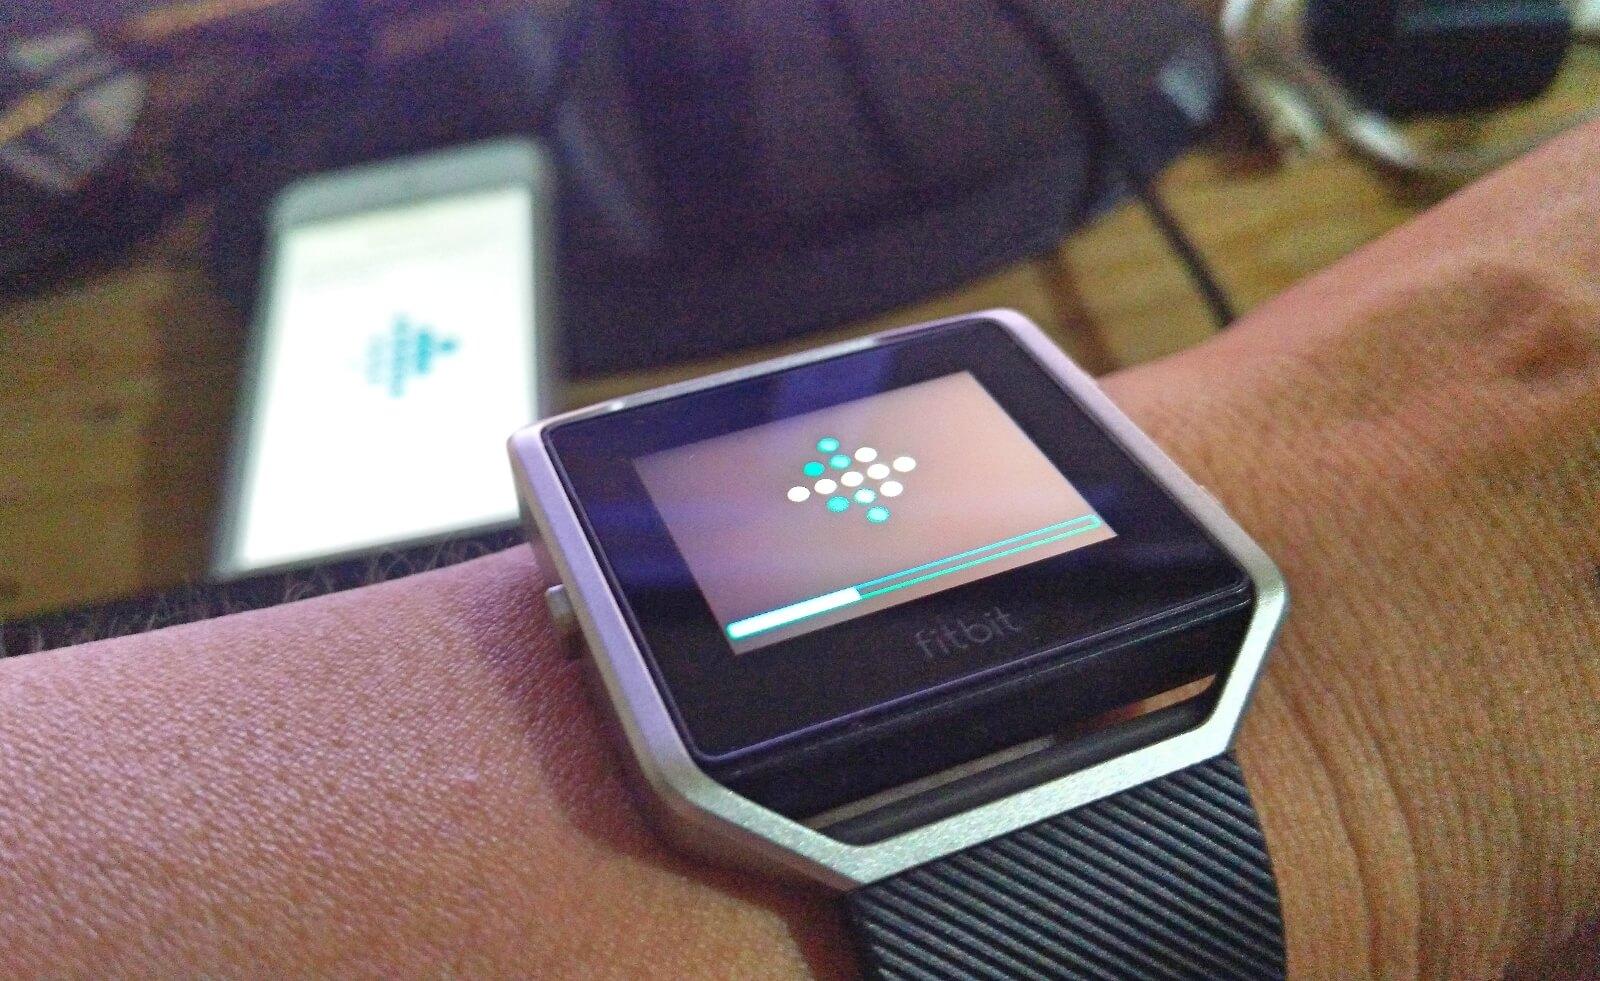 Fitbit Blaze wireless sync